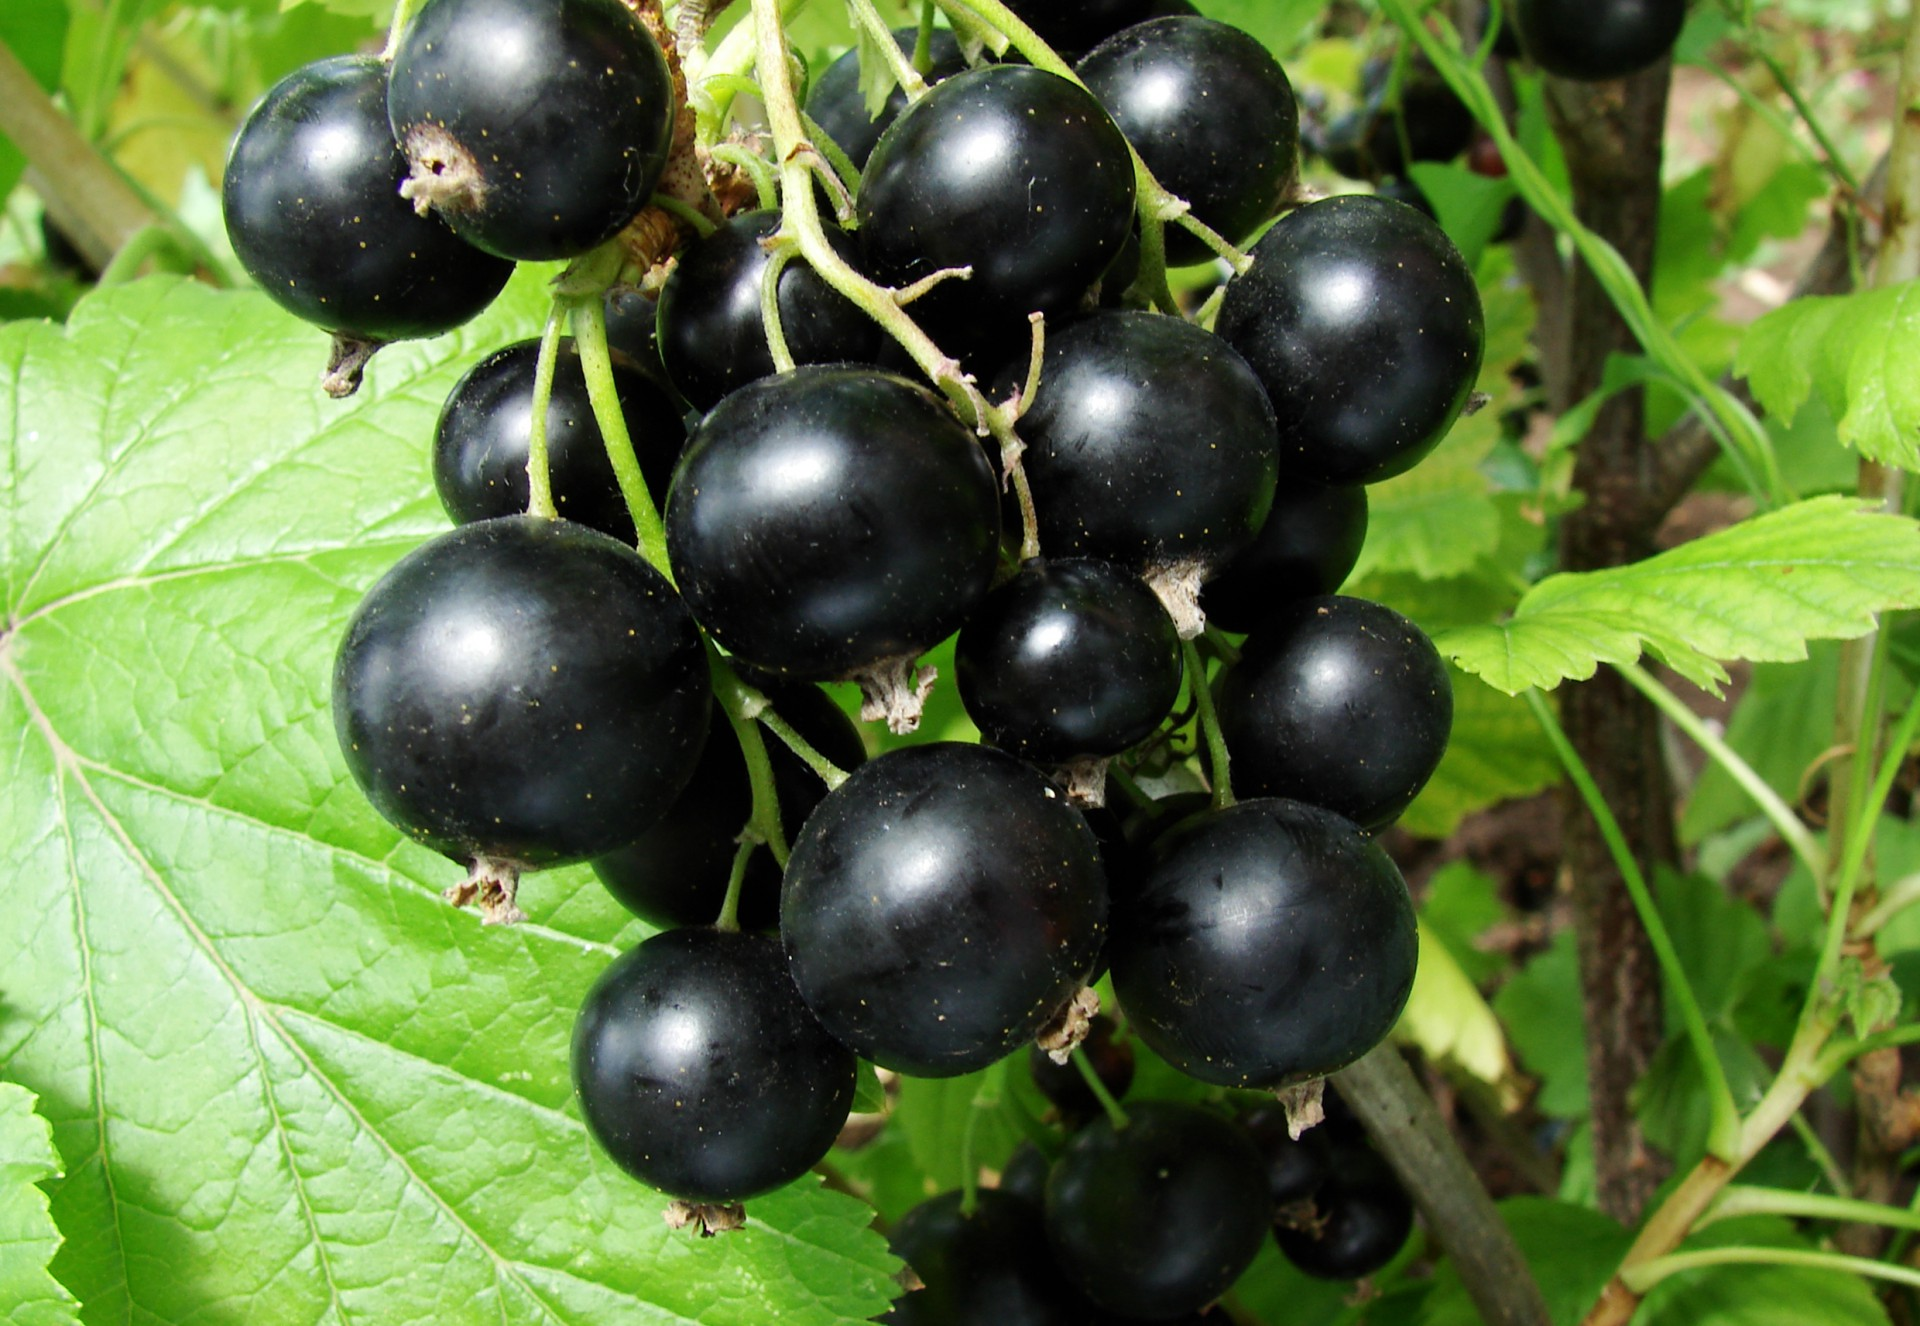 Черная смородина: болезни и лечение растения. Эффективные методы борьбы с болезнями черной смородины